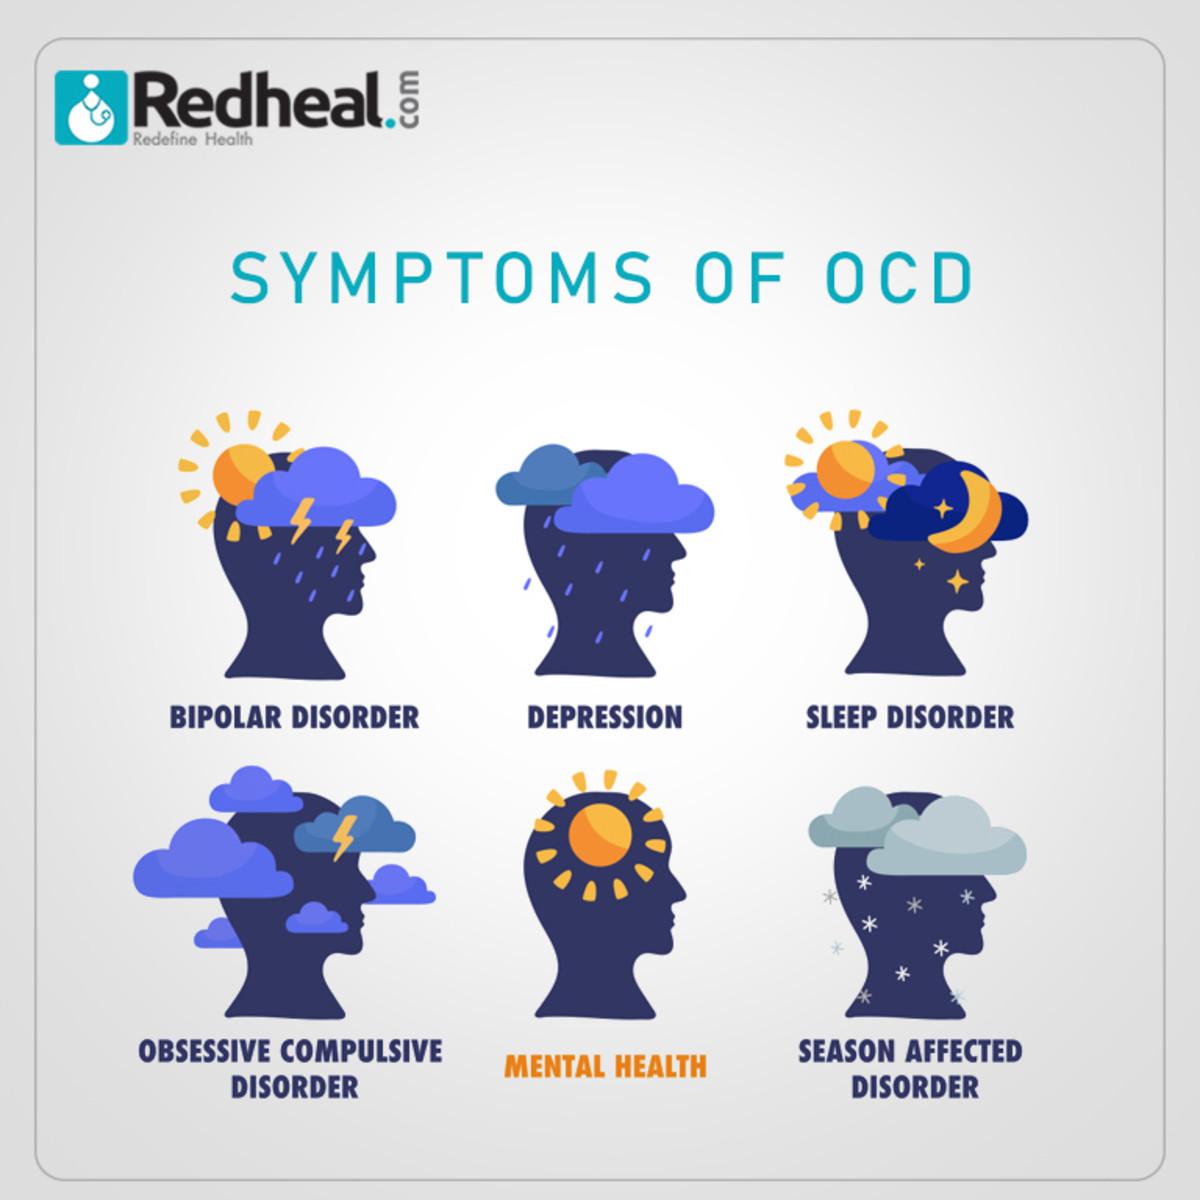 OCD: Symptoms of OCD, Causes & Risk Factors of OCD